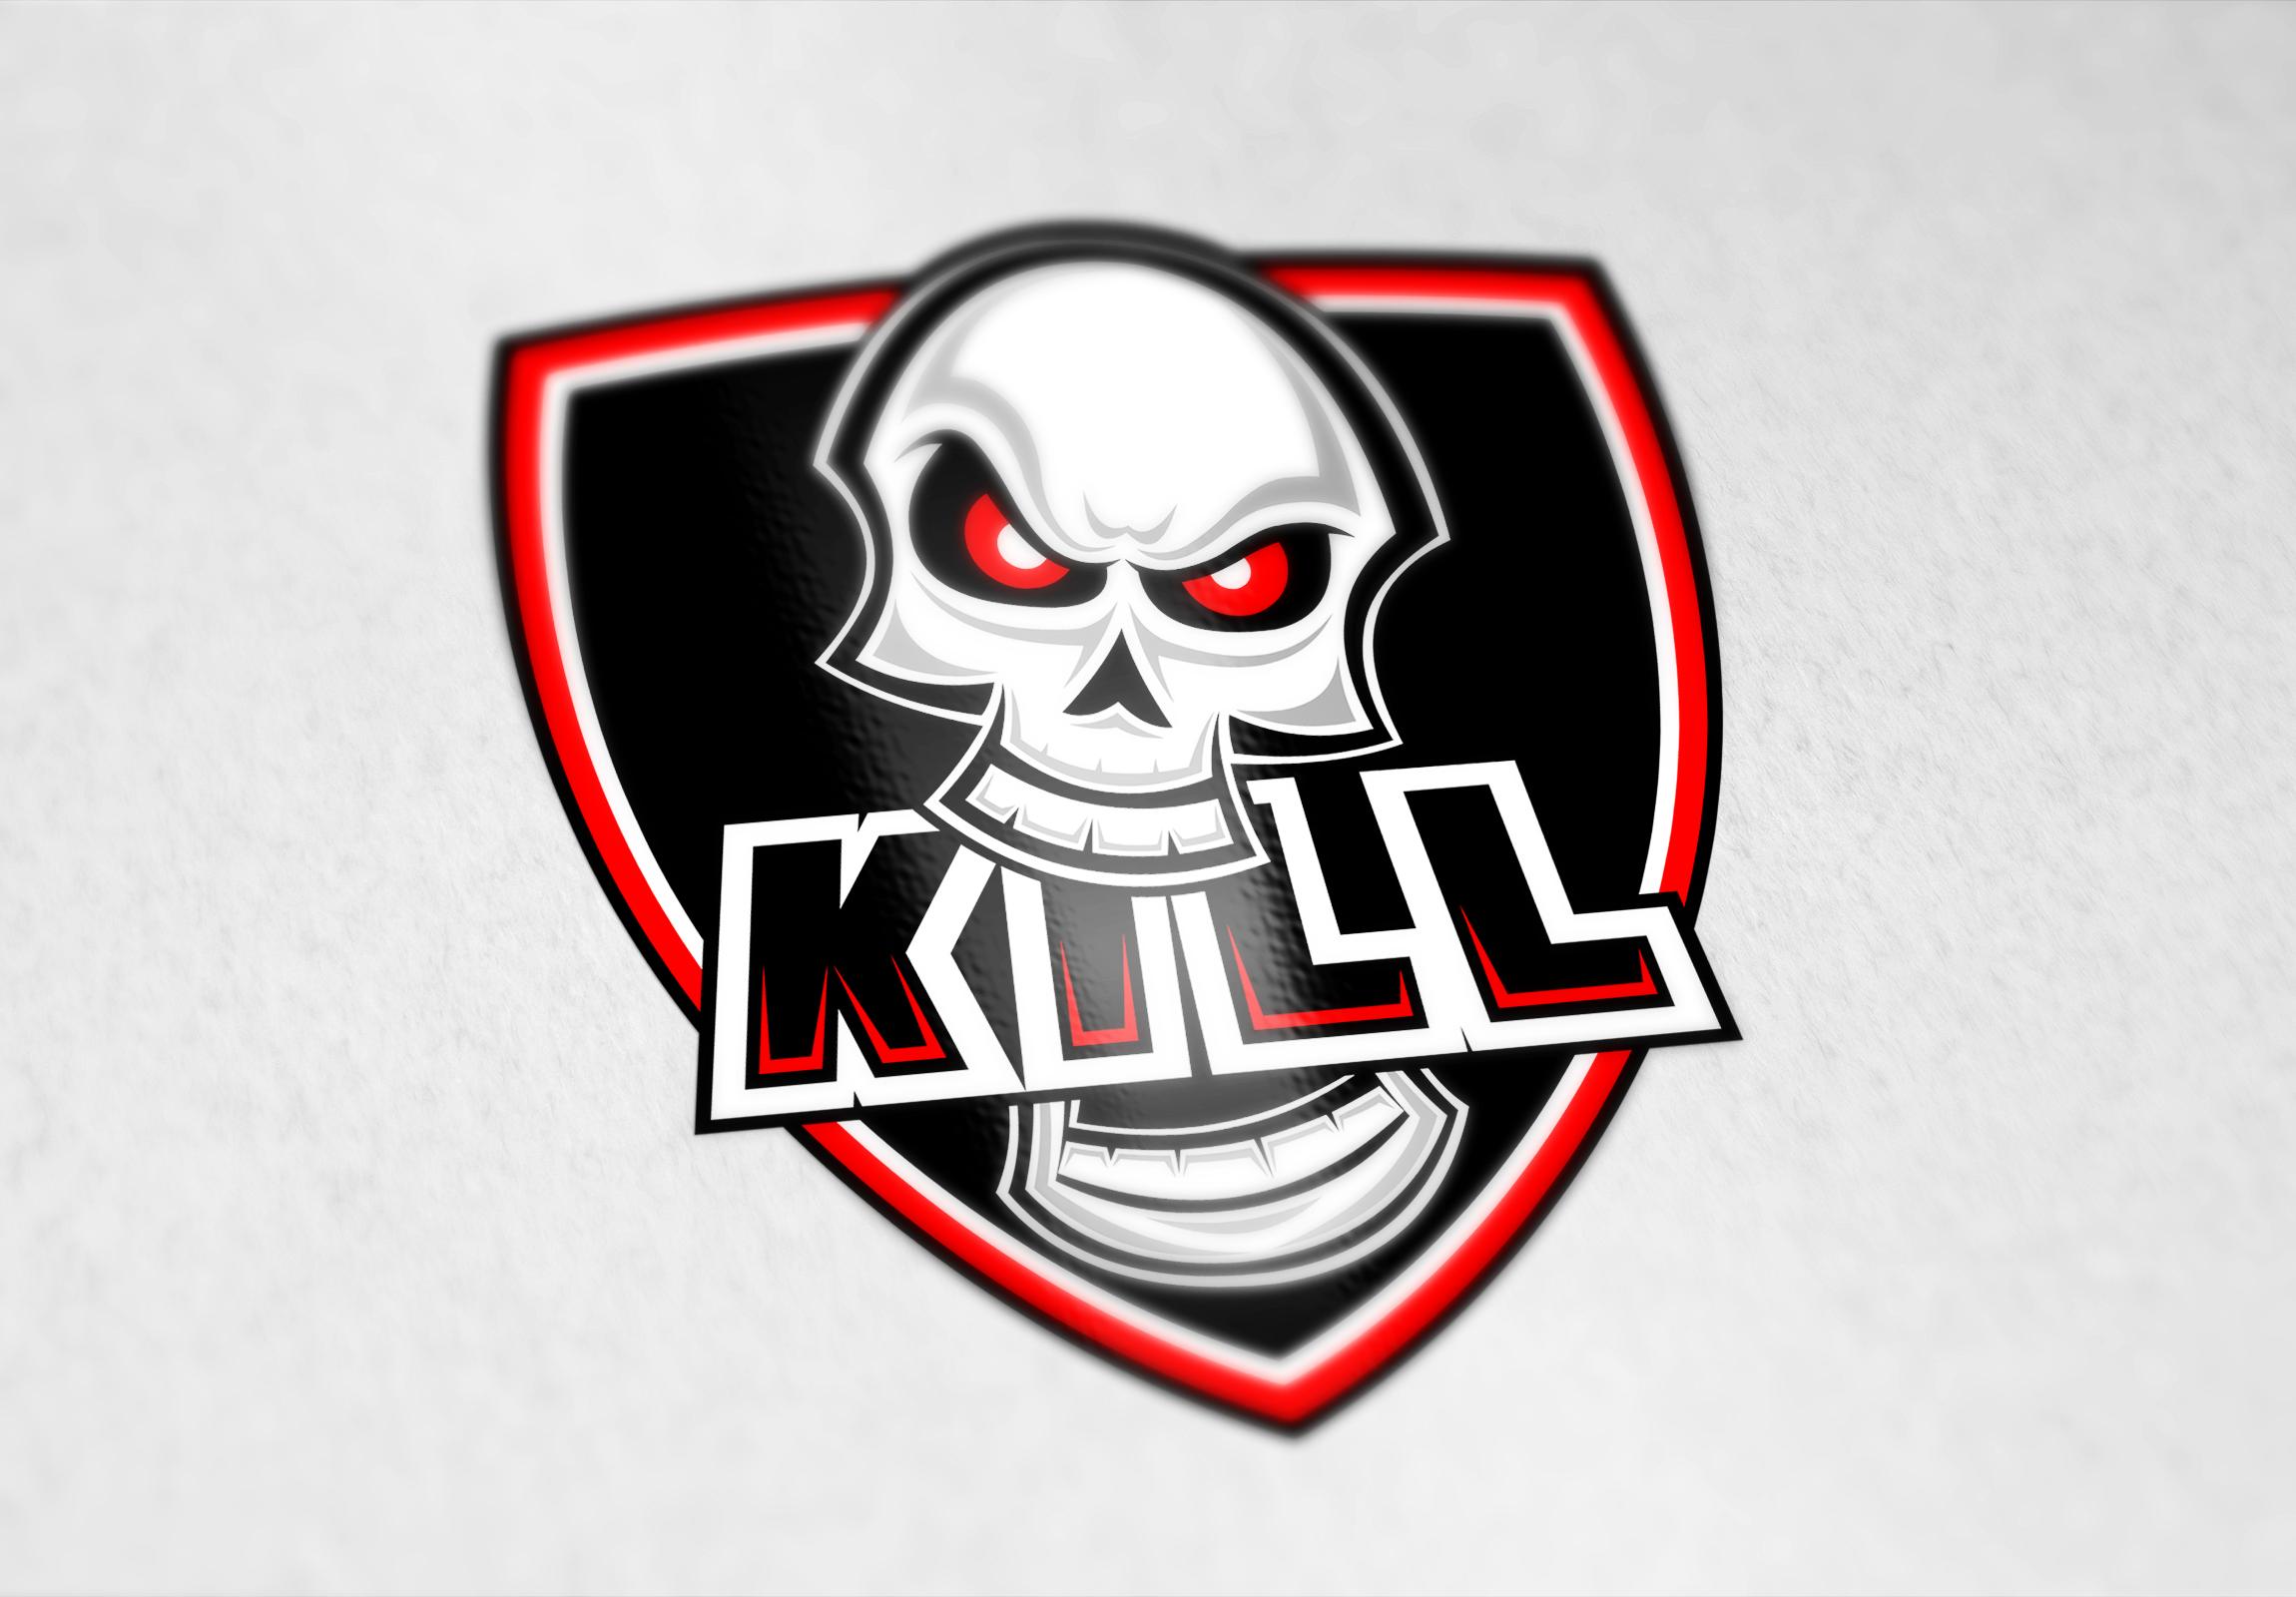 KILL. Логотип для кибер-спортивной команды.